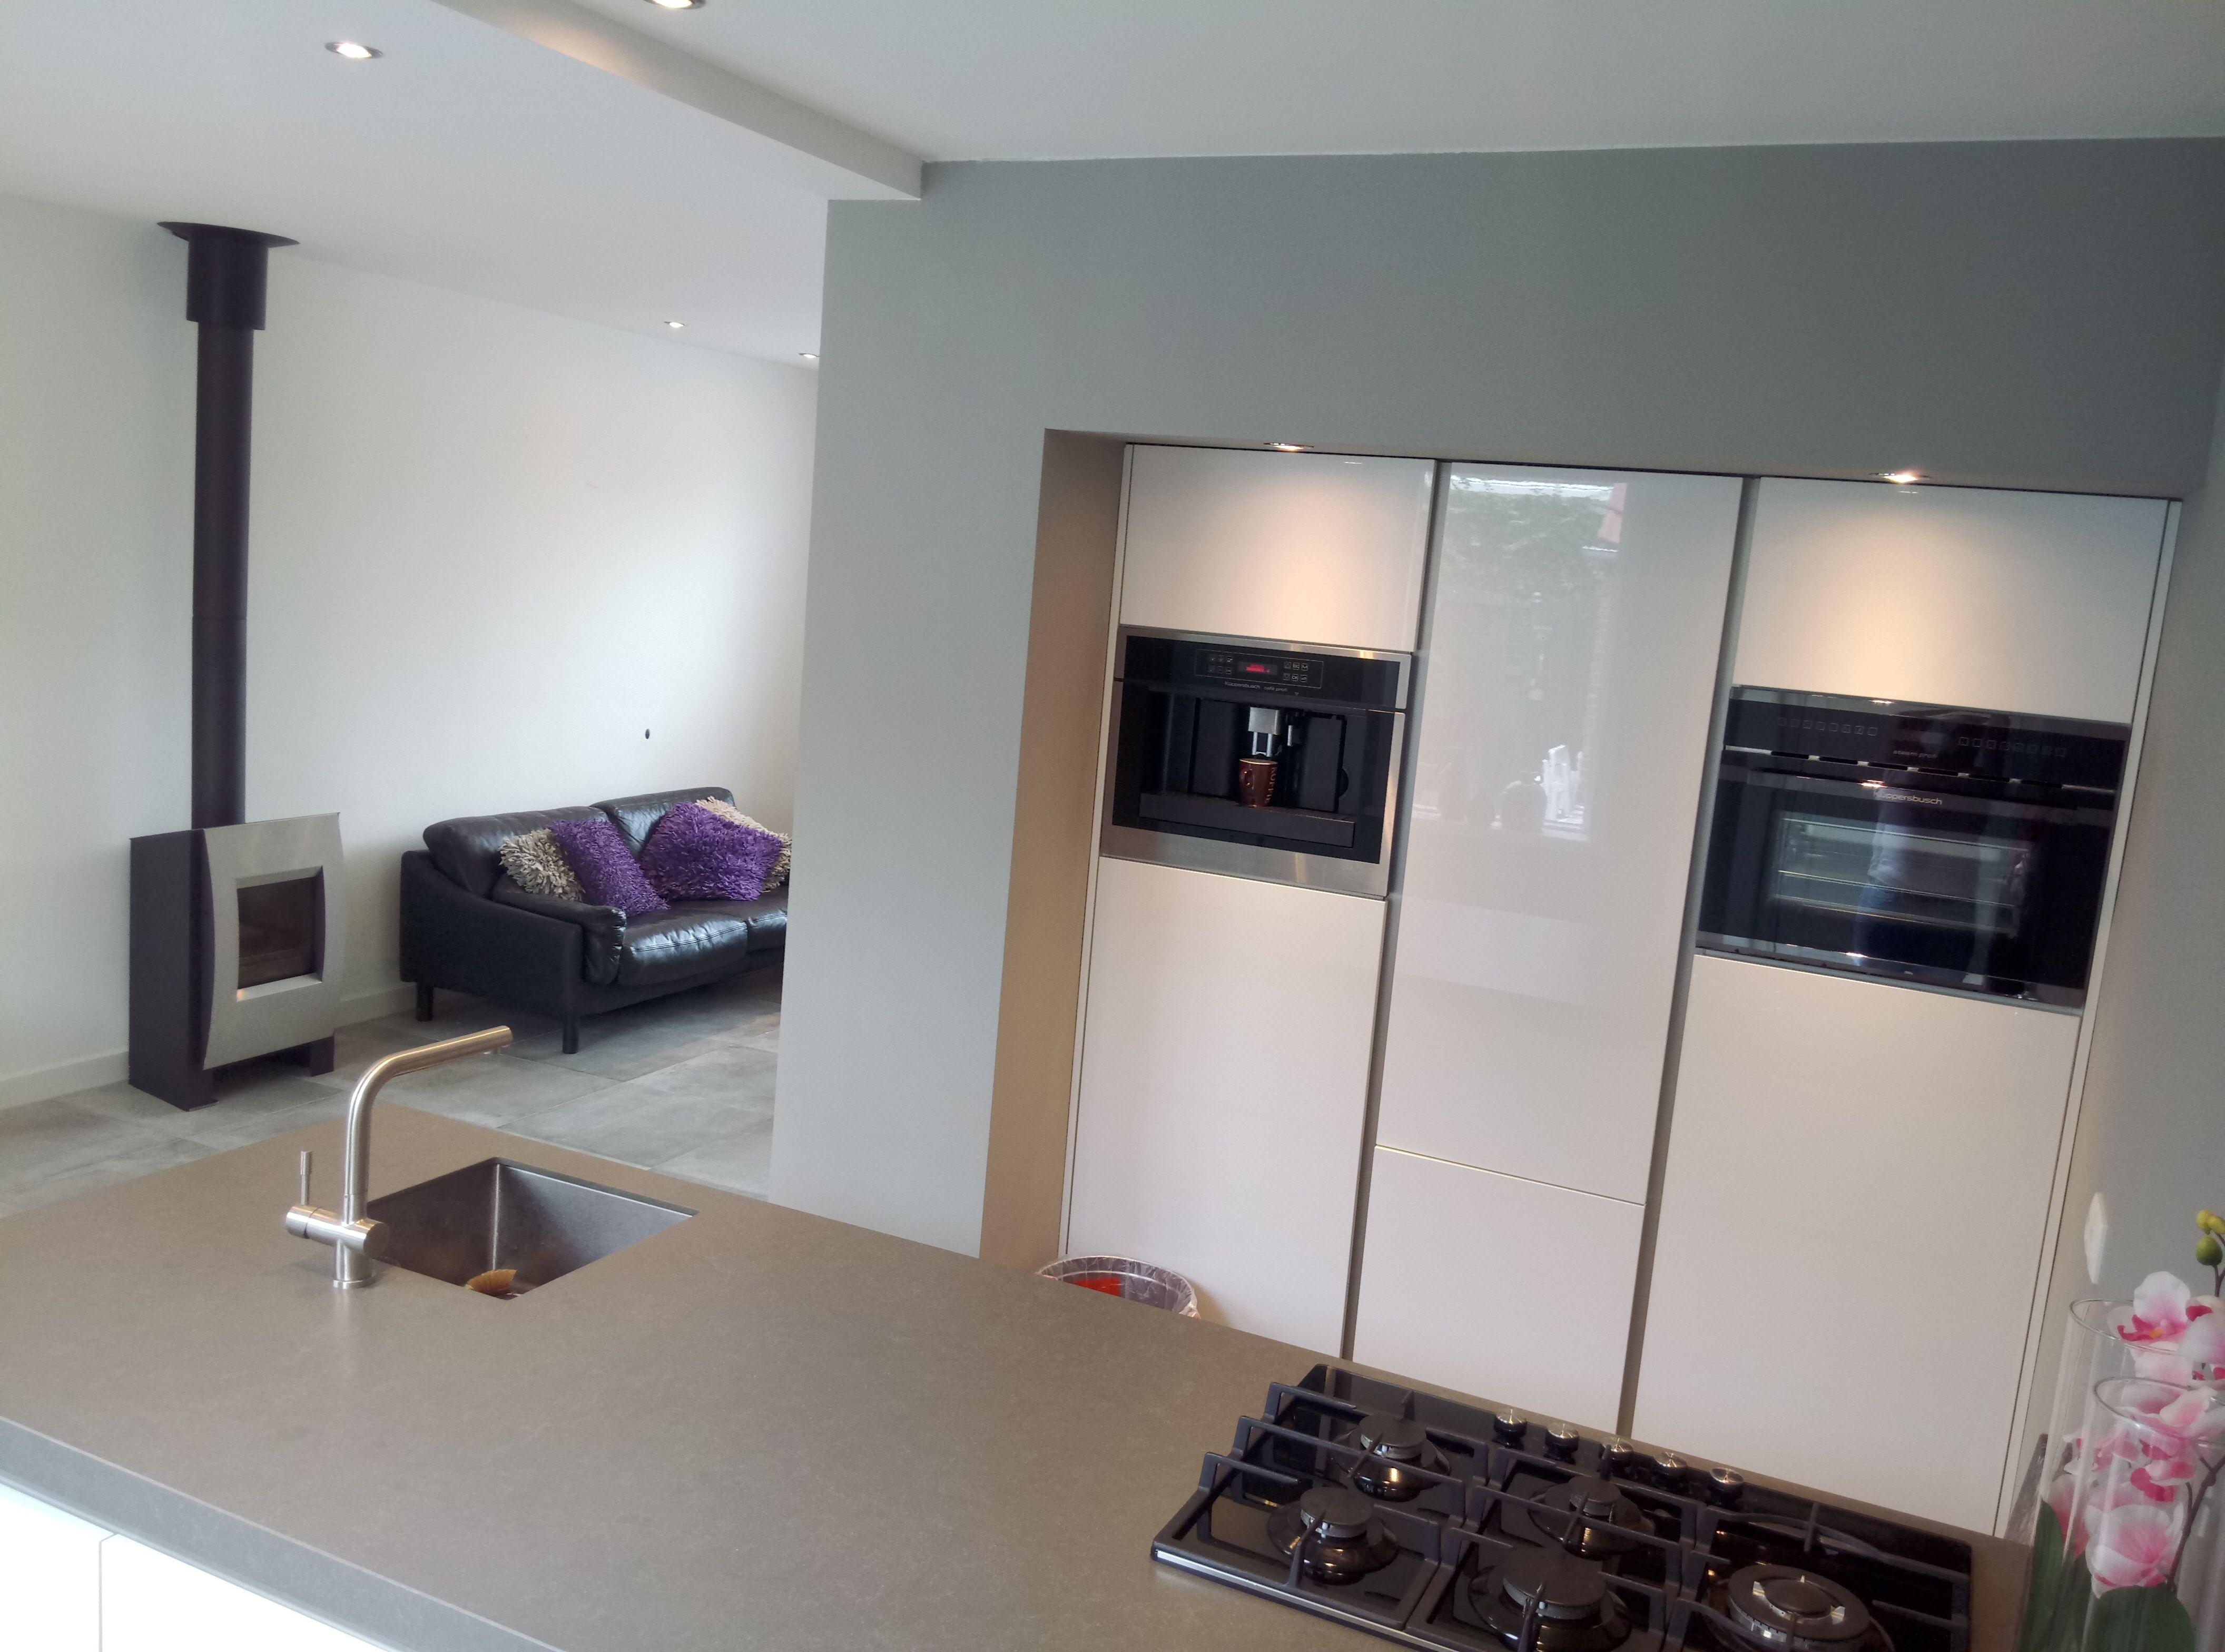 Voortman Keukens Inspiratie : Moderne decoratie voortman keukens good cool stunning full